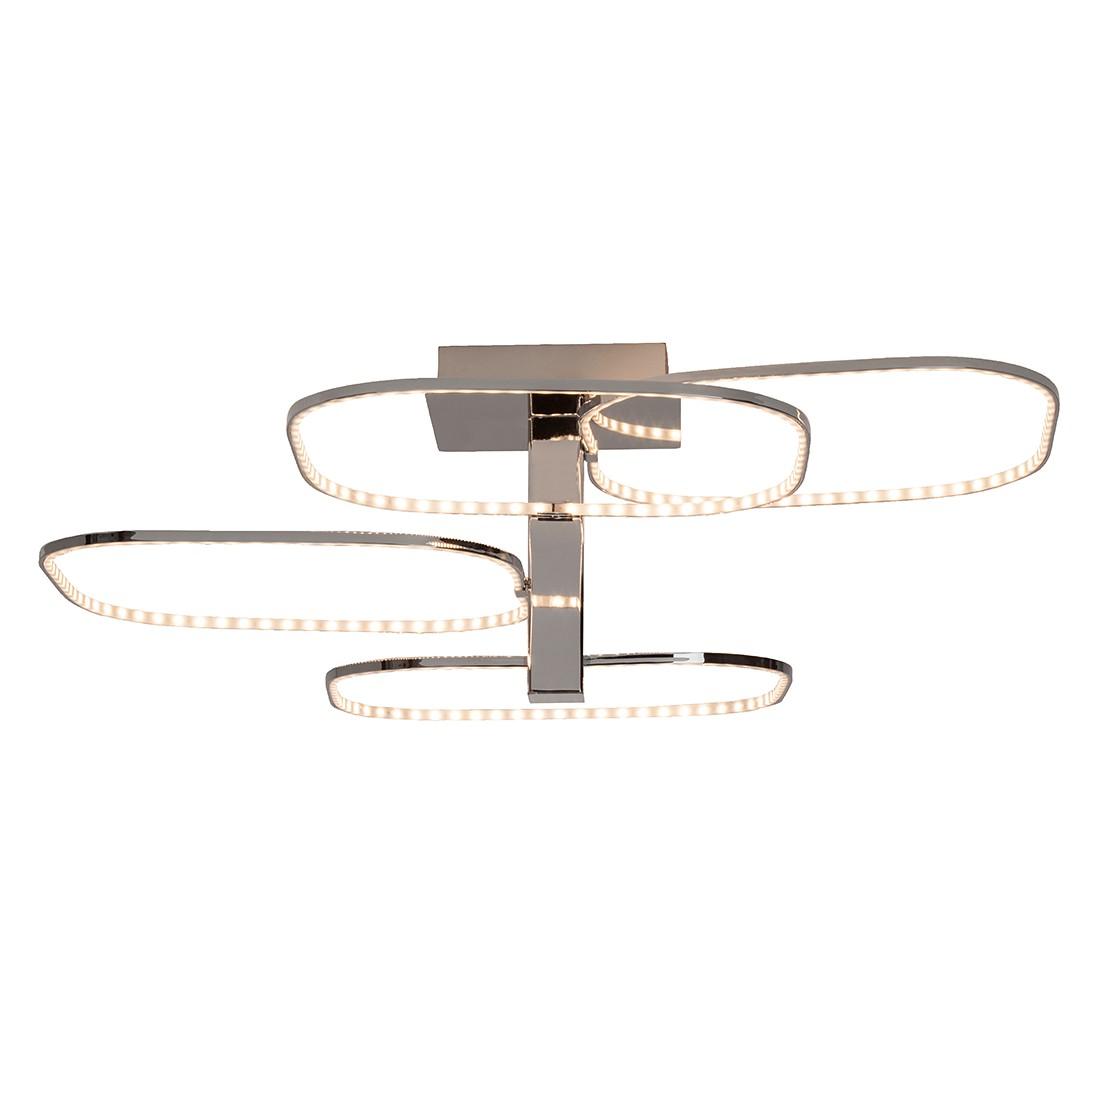 Image of energia A+, Lampada da soffitto Topic - Metallo/Materiale sintetico Color argento 1 luce, Brilliant